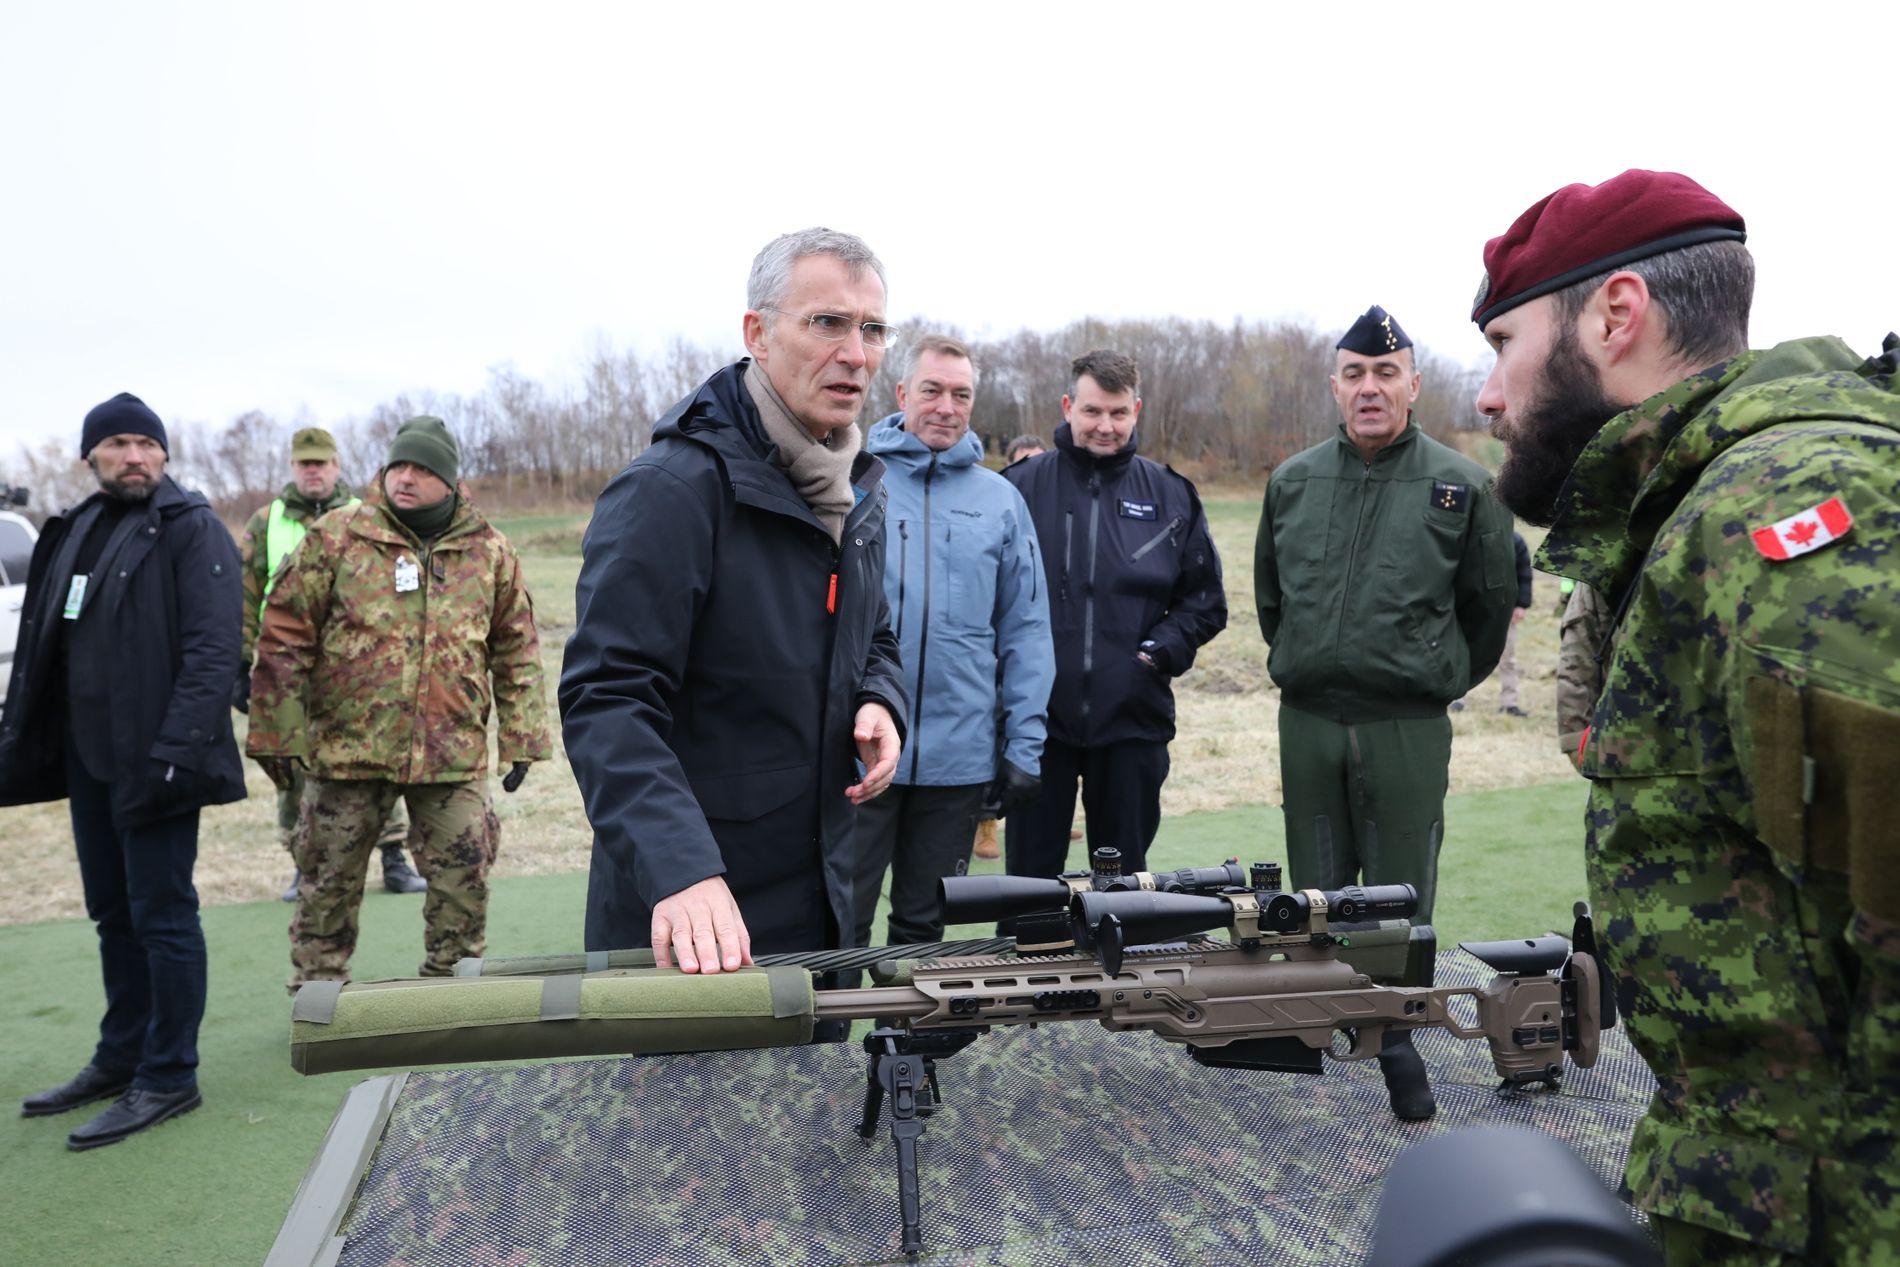 ALLIERTE: – NATO er bærebjelken i den norske forsvarsevnen, slik den har vært i 70 år. Forsvaret må styrkes for at vi skal være en troverdig bidragsyter til ytterligere 70 år, skriver forsvarssjefen i denne kronikken.